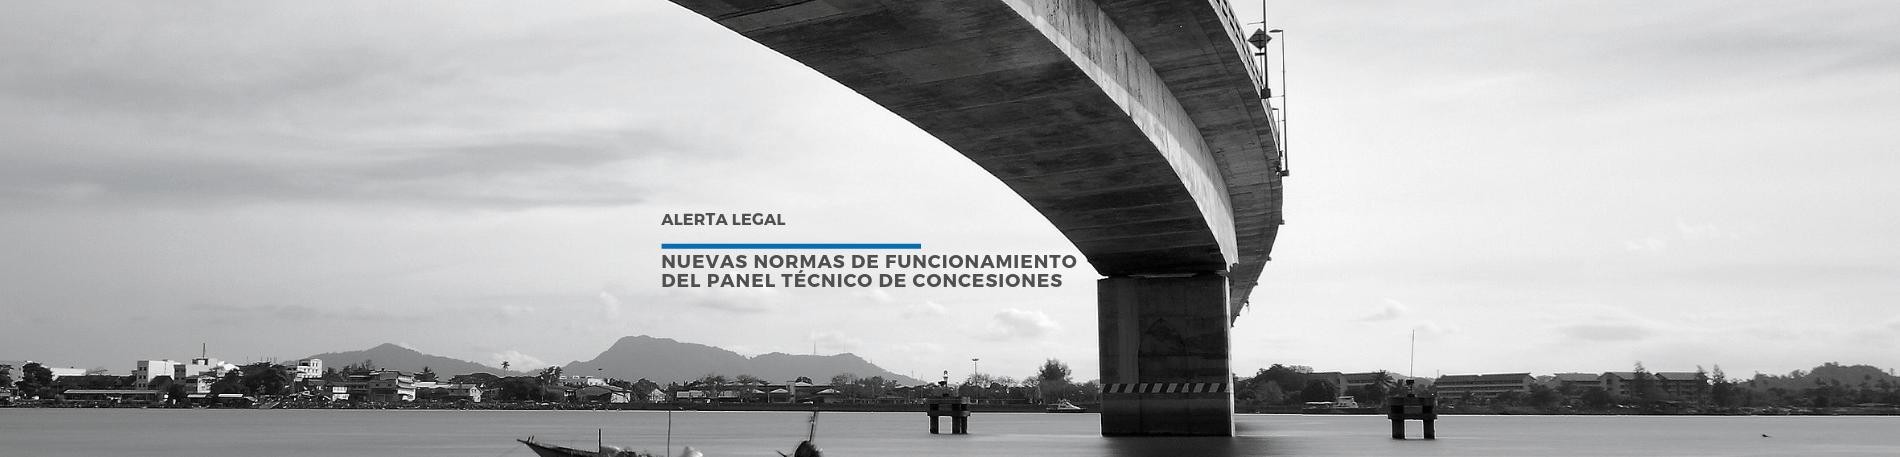 Alerta Legal | Nuevas normas de funcionamiento del Panel Técnico De Concesiones